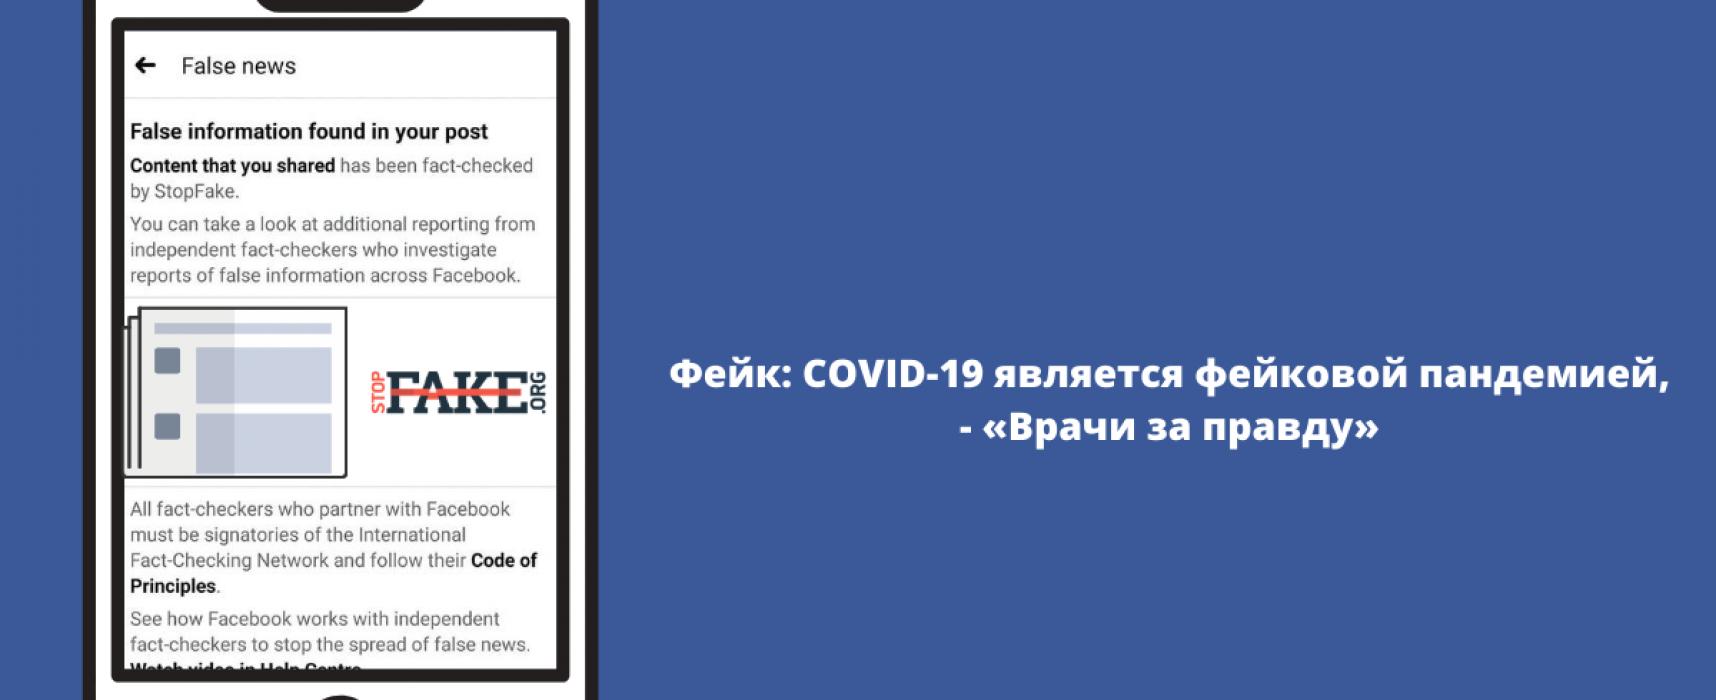 Фейк: COVID-19 является фейковой пандемией, — «Врачи за правду»